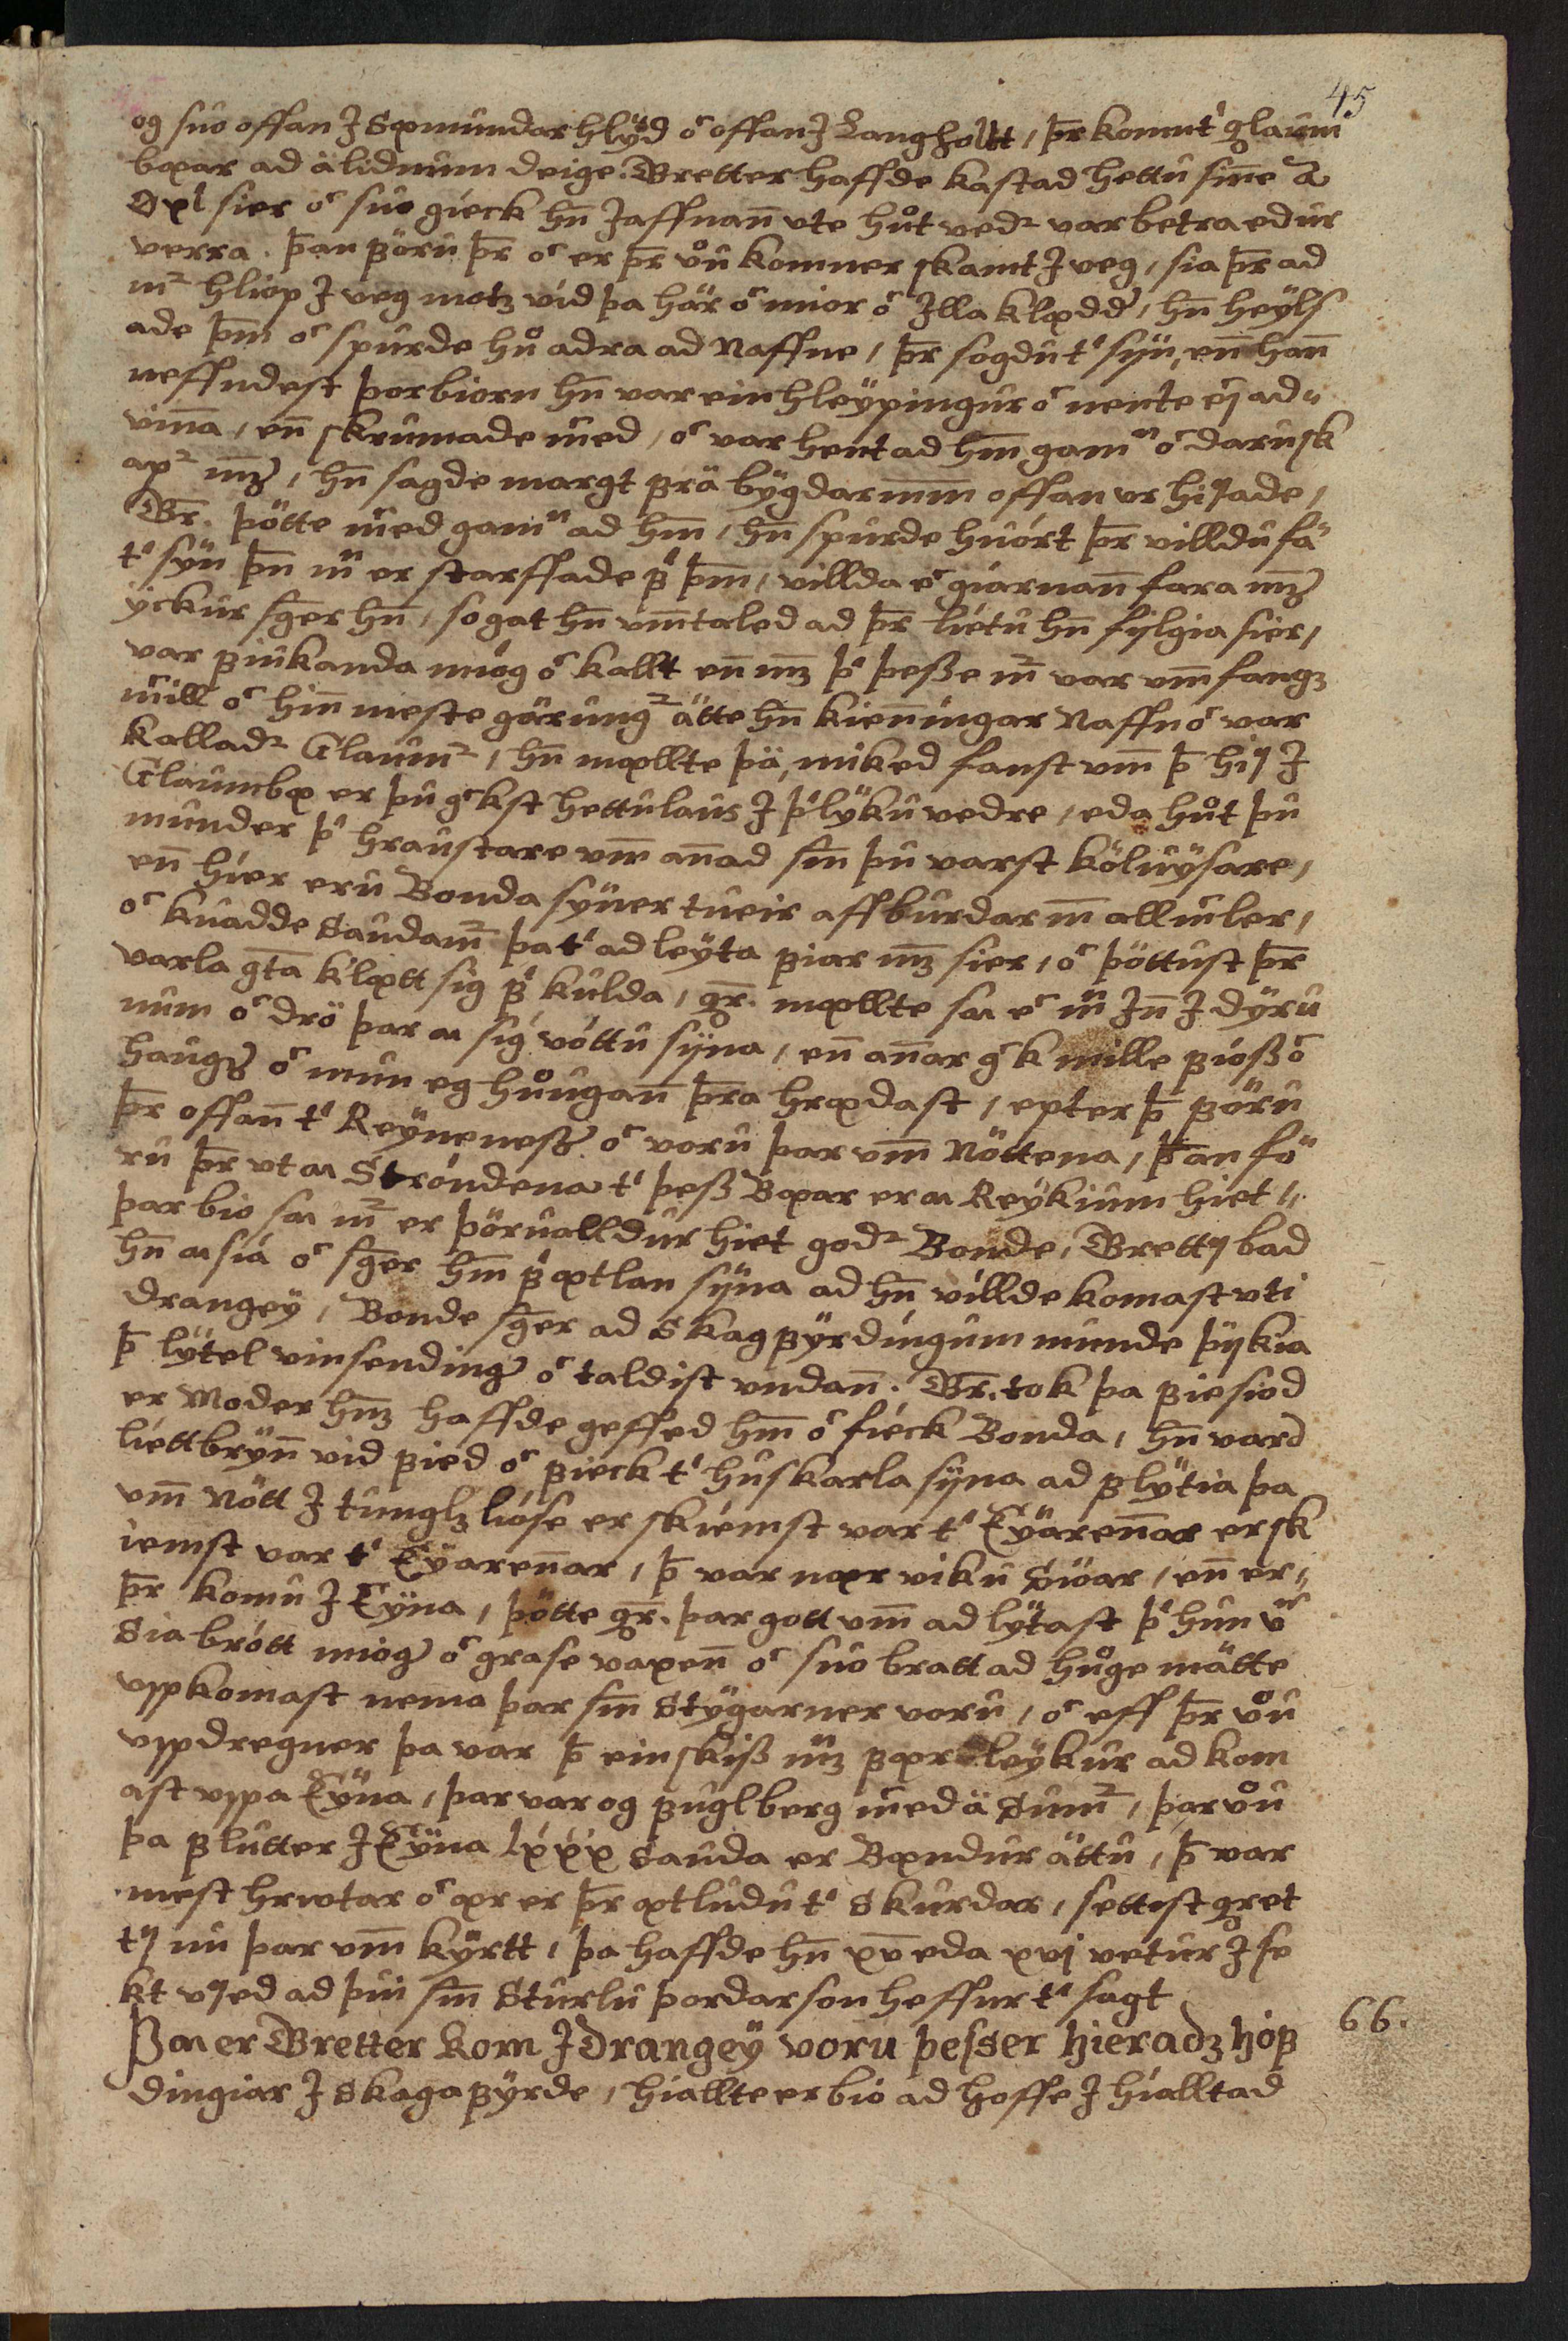 AM 151 fol - 45r